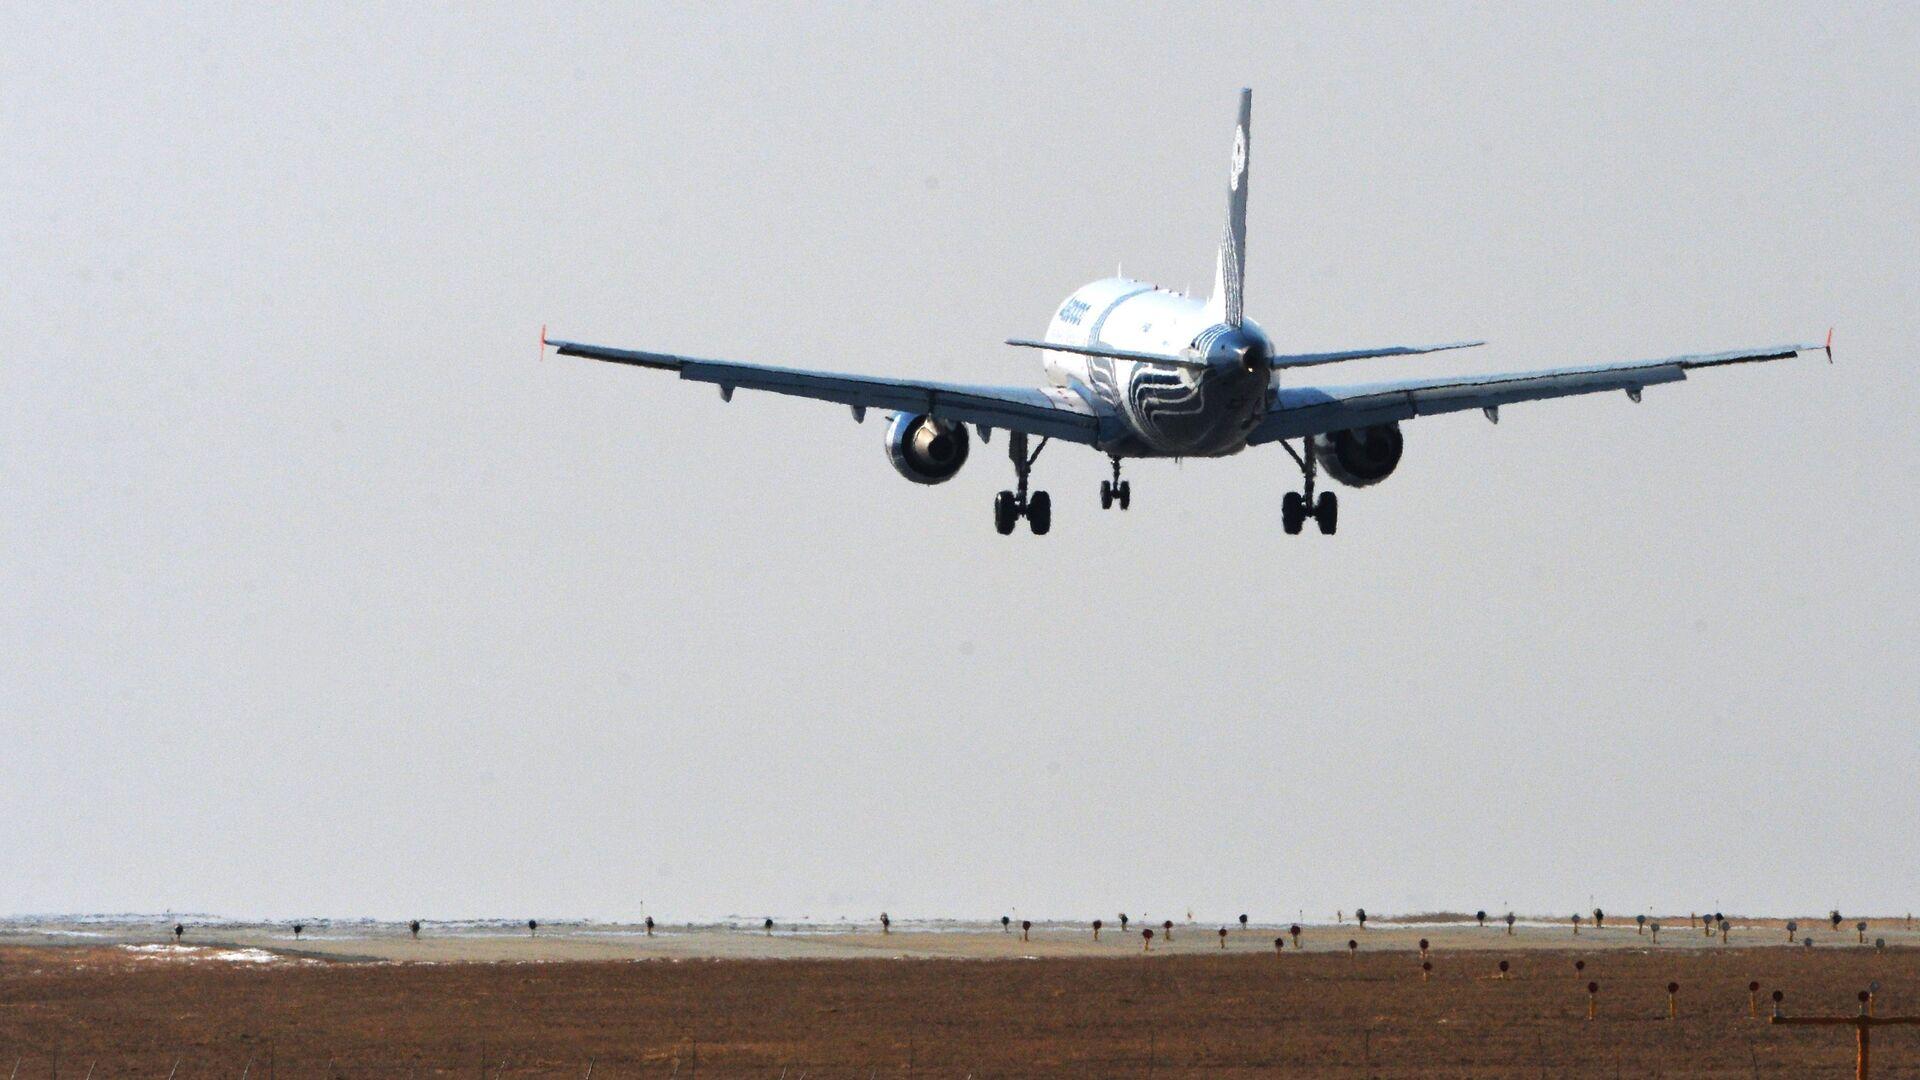 Самолет Airbus A319 авиакомпании Аврора садится в аэропорту Владивостока - РИА Новости, 1920, 18.01.2021